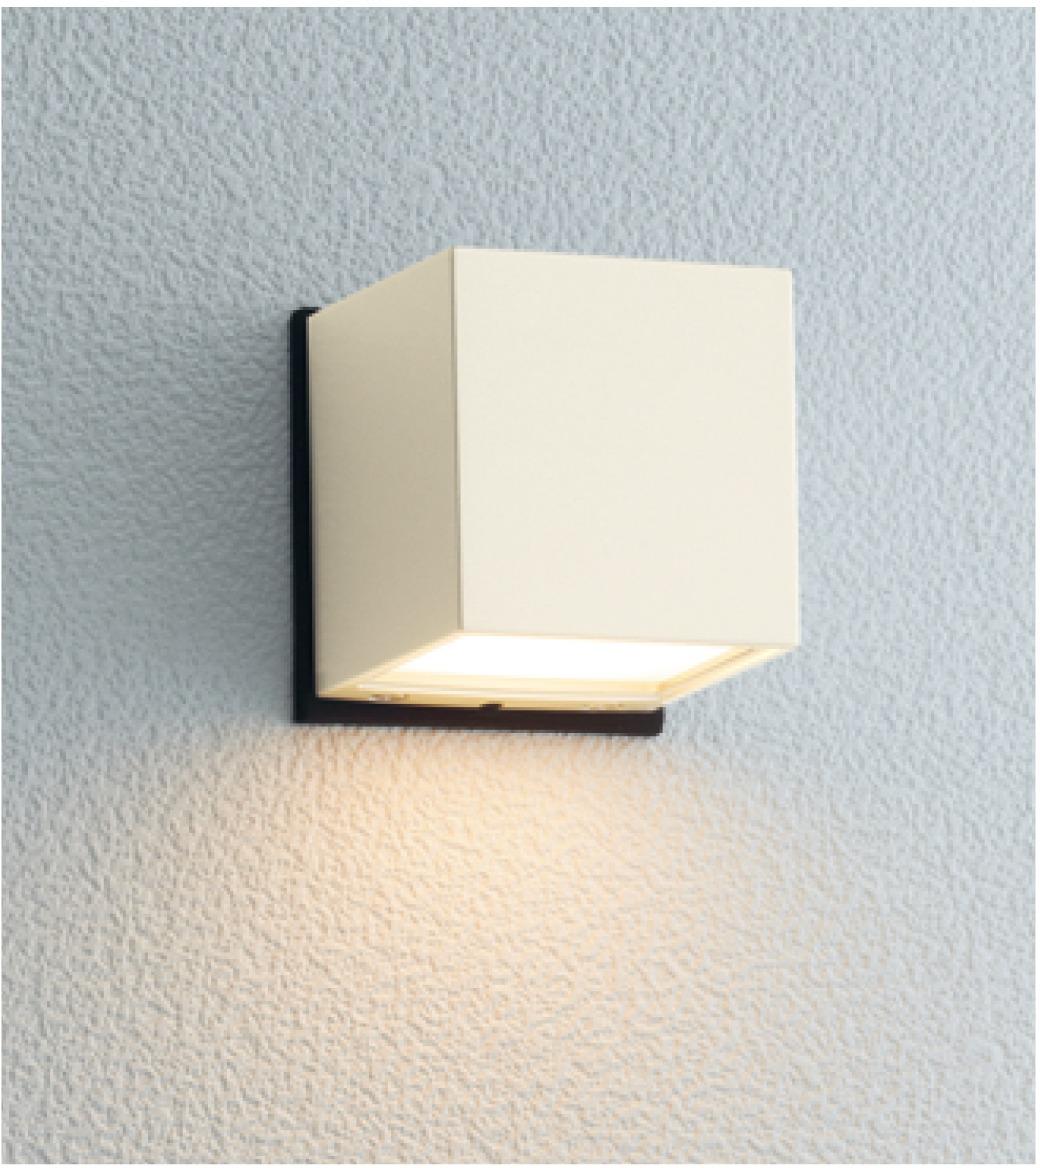 ユニソン(unison)エクステリア 屋外 照明 ライト 12V照明 表札灯 【エコルトウォールライト キューブライト オフホワイト EA0101742】 エコルトウォールライト